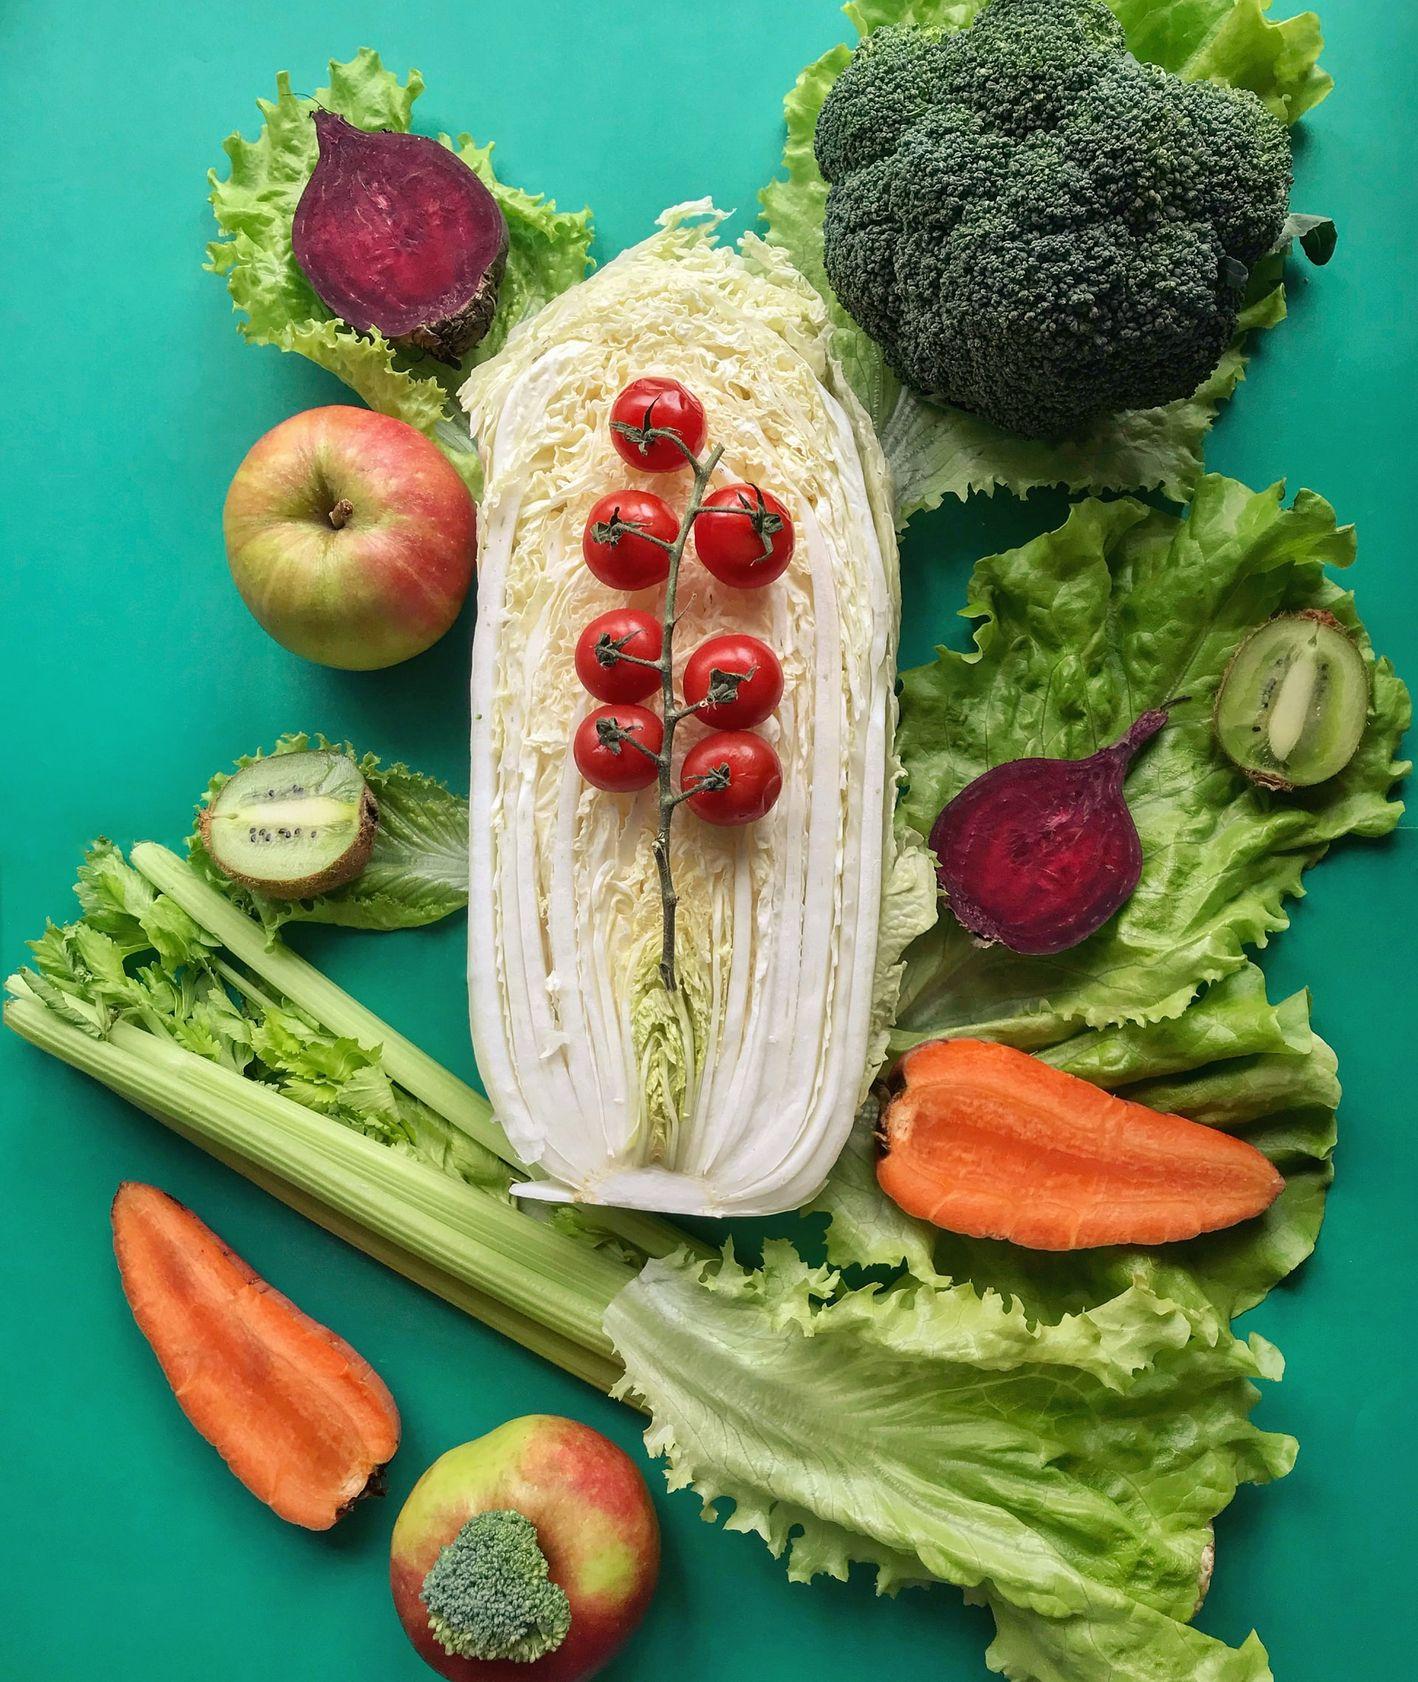 Warzywa, sałata, marchew, buraki, brokuły kiwi, jabłko, pomidory, seler naciowy (fot. Diana Oborska / unsplash.com)